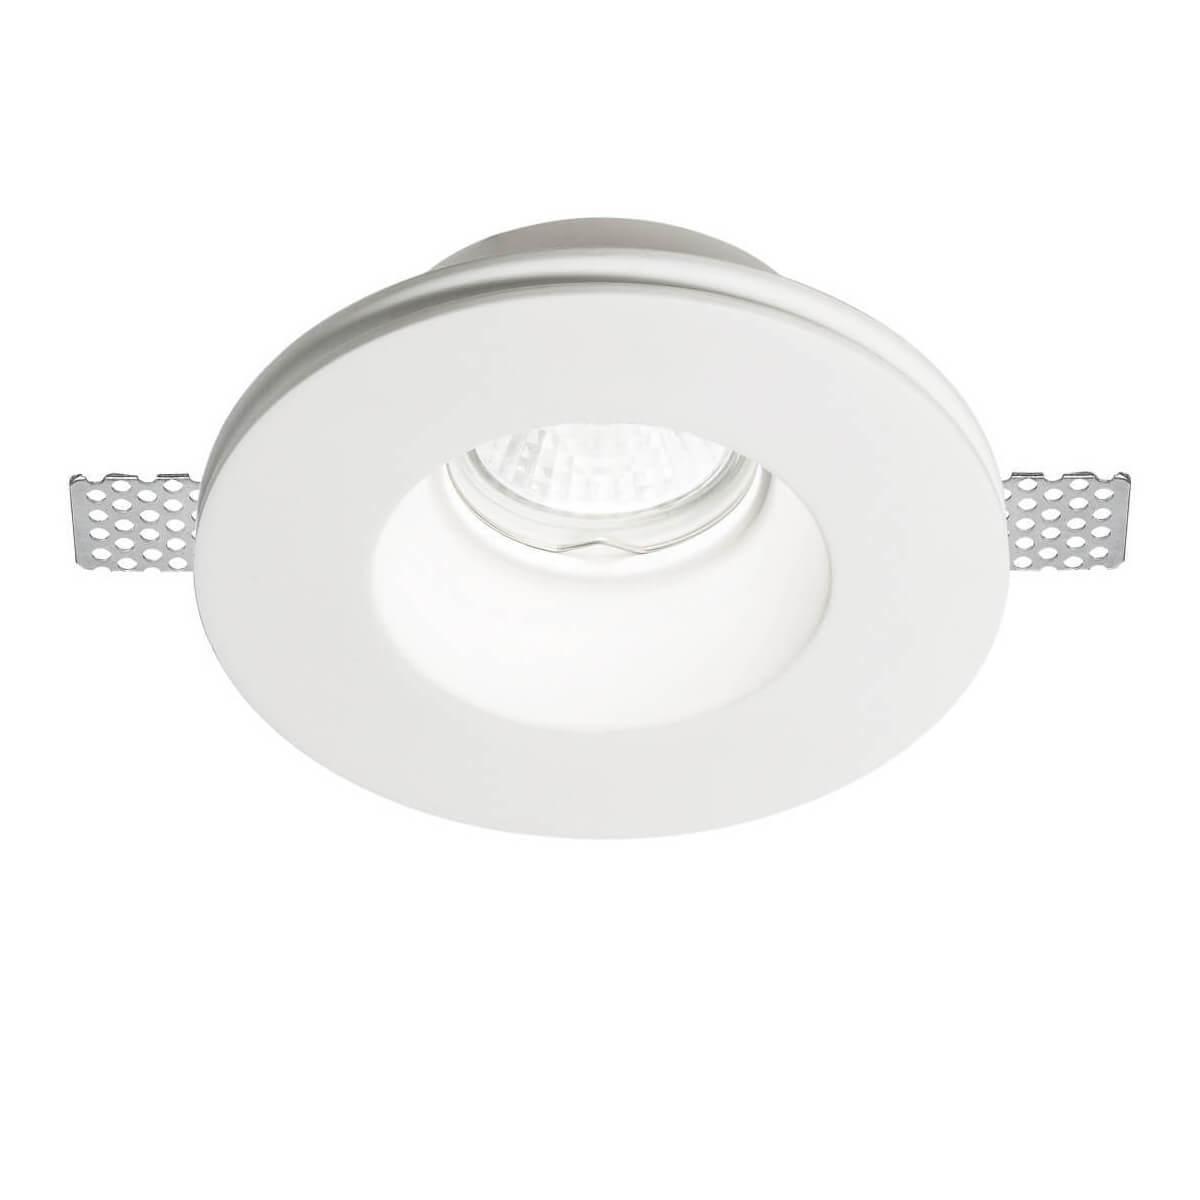 Встраиваемый светильник Ideal Lux Samba Round D74 150130